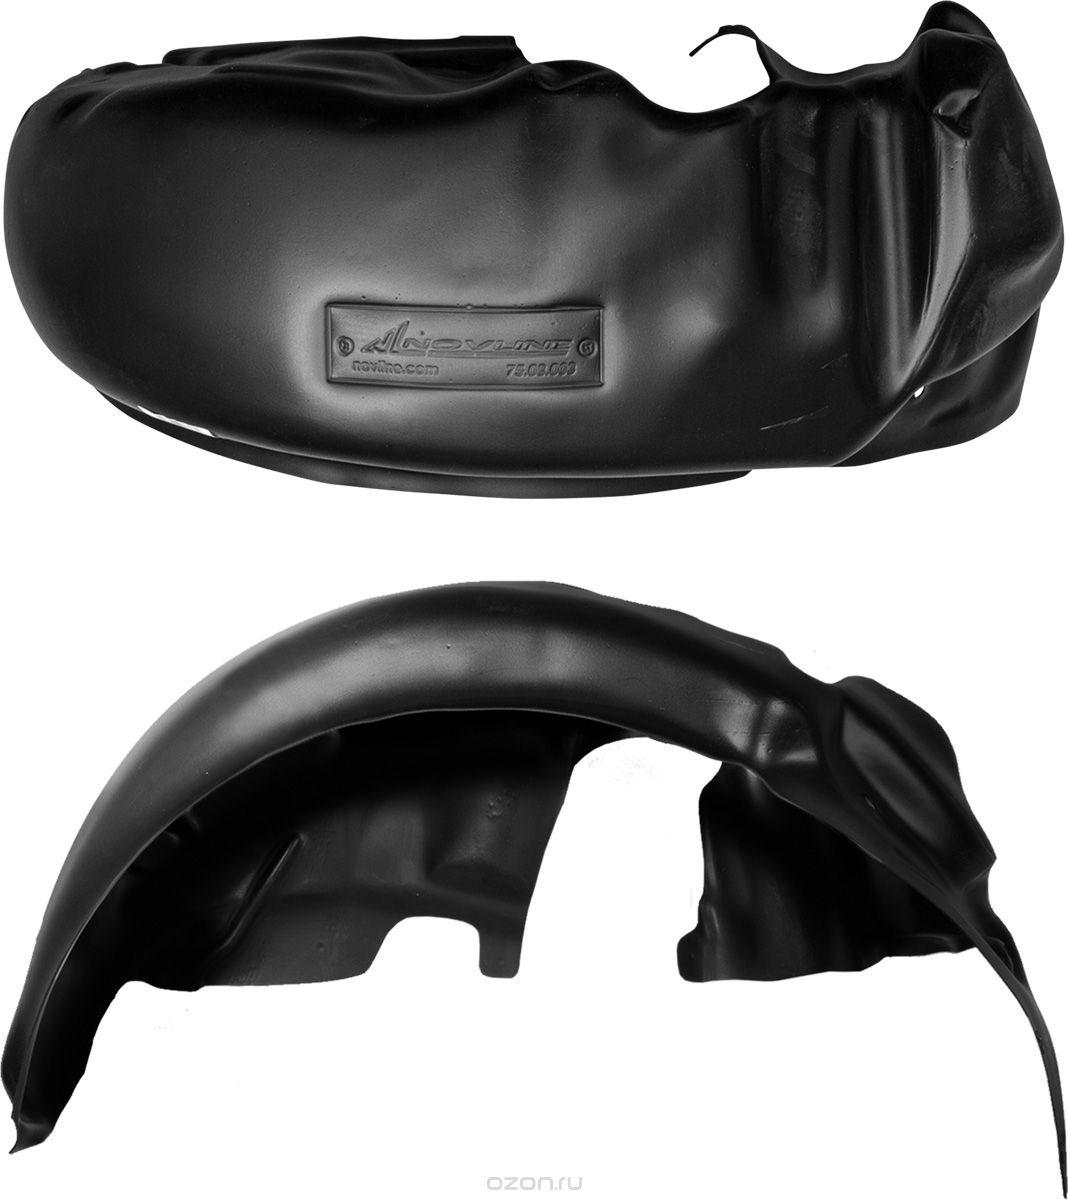 Подкрылок Novline-Autofamily, для Haima 7, 2013->, передний левыйNLL.83.02.001Идеальная защита колесной ниши. Локеры разработаны с применением цифровых технологий, гарантируют максимальную повторяемость поверхности арки. Изделия устанавливаются без нарушения лакокрасочного покрытия автомобиля, каждый подкрылок комплектуется крепежом. Уважаемые клиенты, обращаем ваше внимание, что фотографии на подкрылки универсальные и не отражают реальную форму изделия. При этом само изделие идет точно под размер указанного автомобиля.